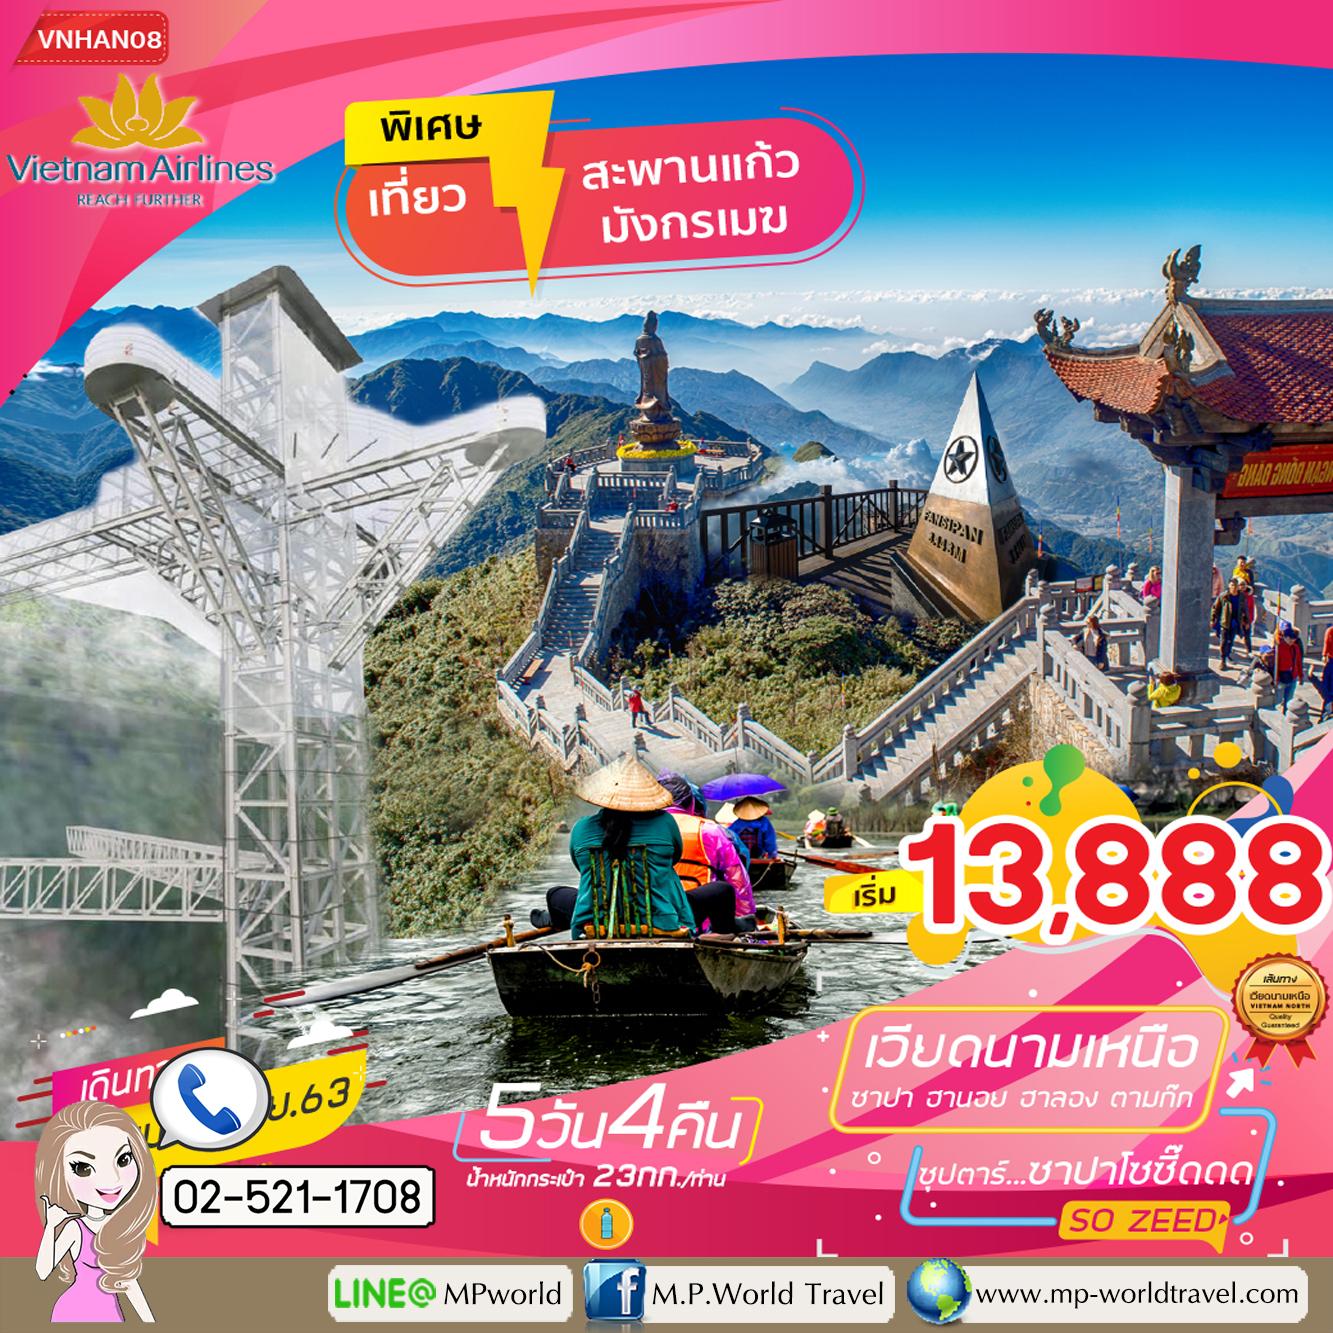 ทัวร์เวียดนาม VNHAN08 เวียดนามเหนือ ซาปา สะพานกระจก ฮาลอง ตามก๊ก ซุปตาร์ ซาปาโซซี๊ดดด 5D 4N VN